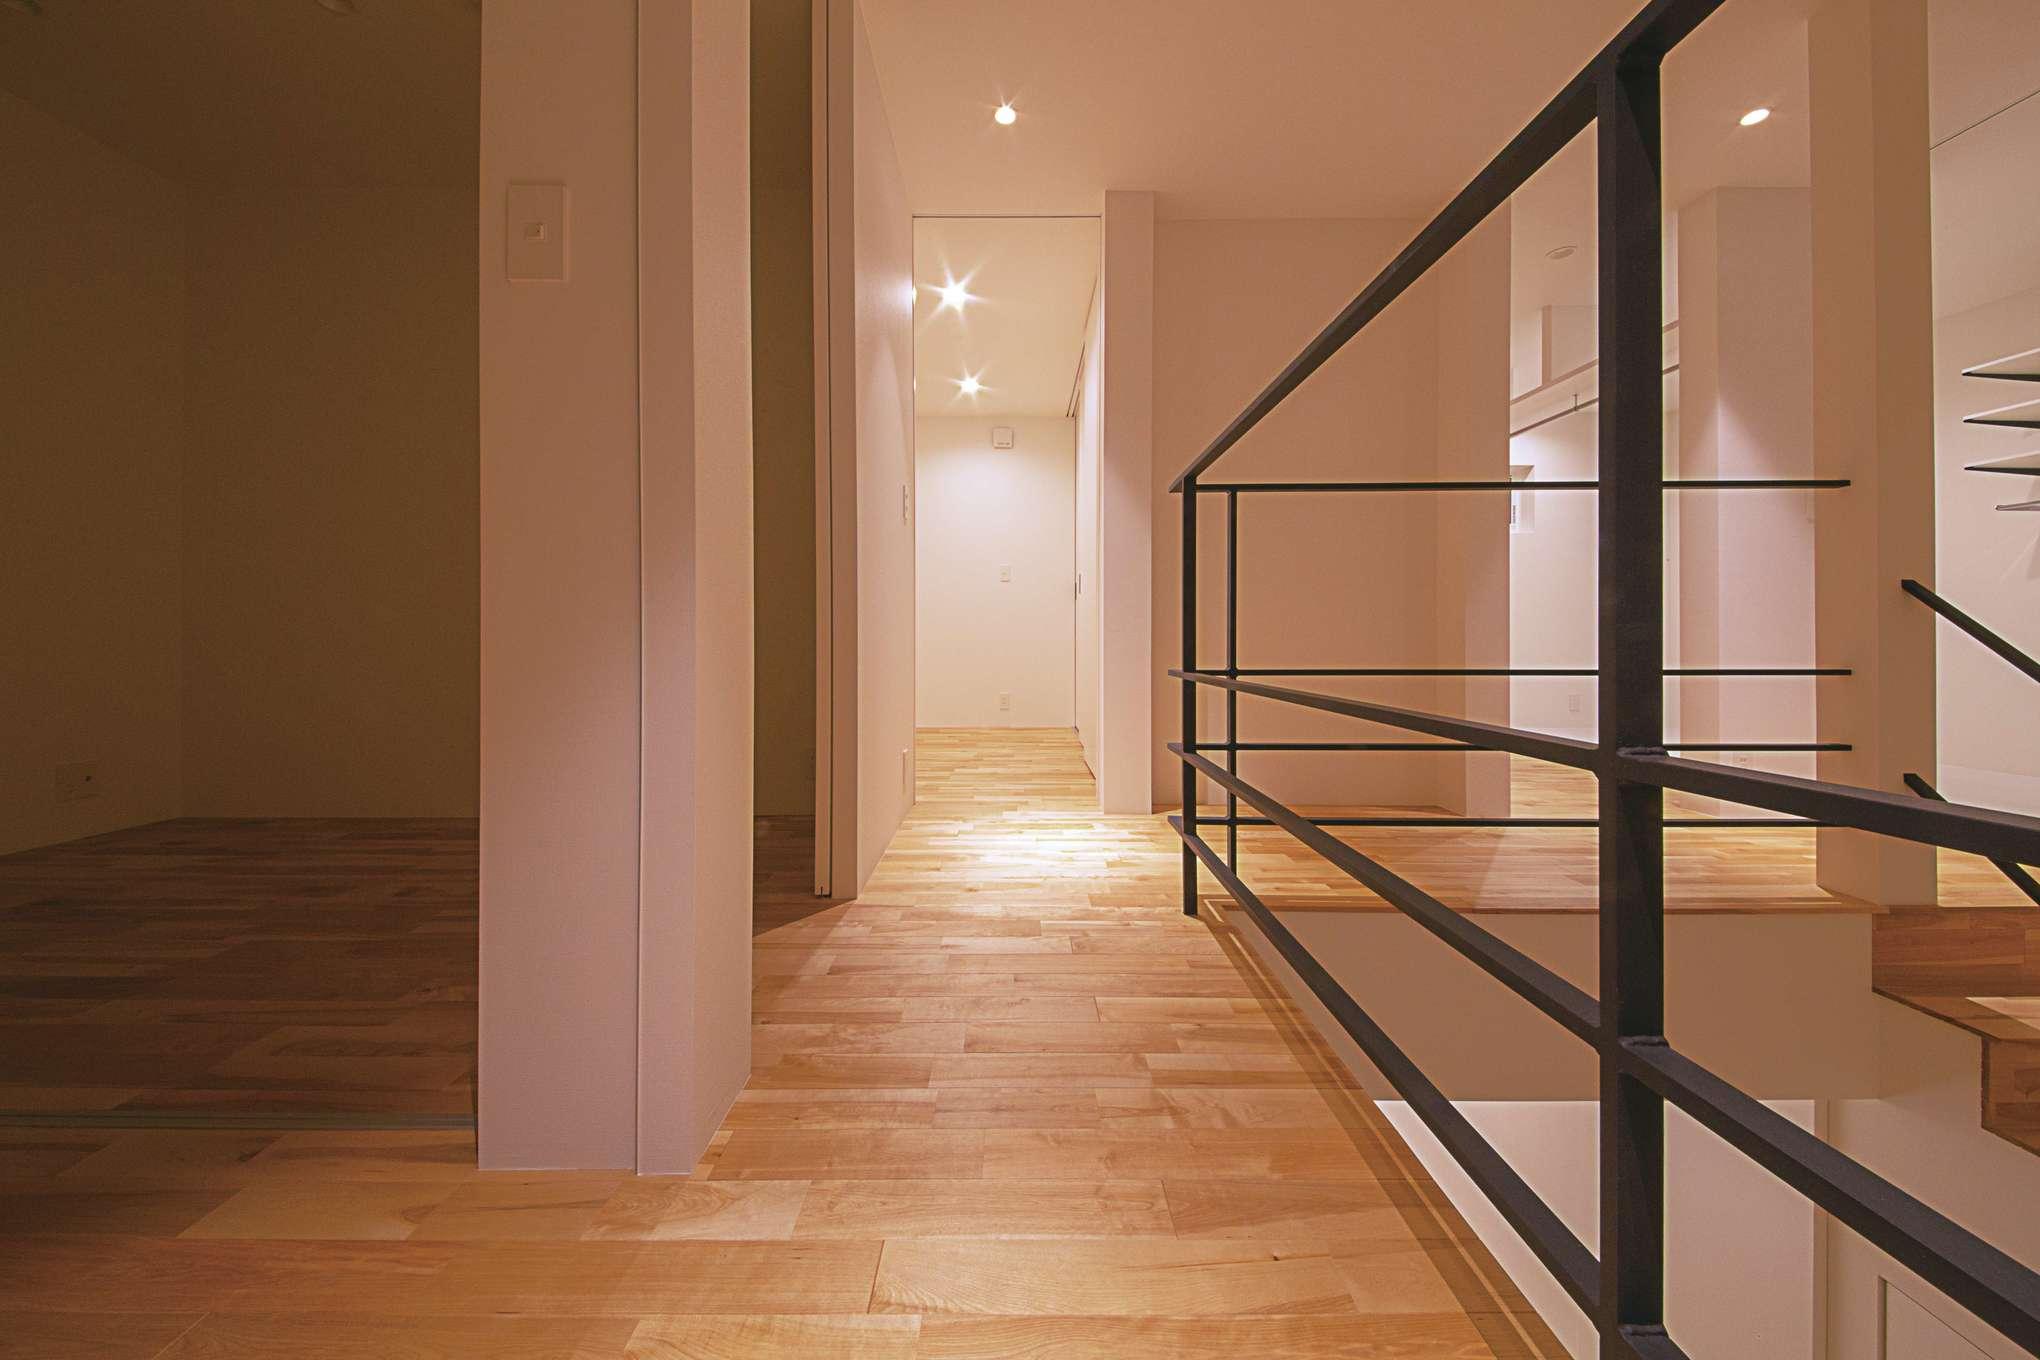 インフィルプラス【デザイン住宅、収納力、間取り】2階の各室を繋ぐ廊下。アイアンの手すりと吹抜けが開放感をもたらしている。階段を上がった正面がファミリークローゼット。隣は寝室